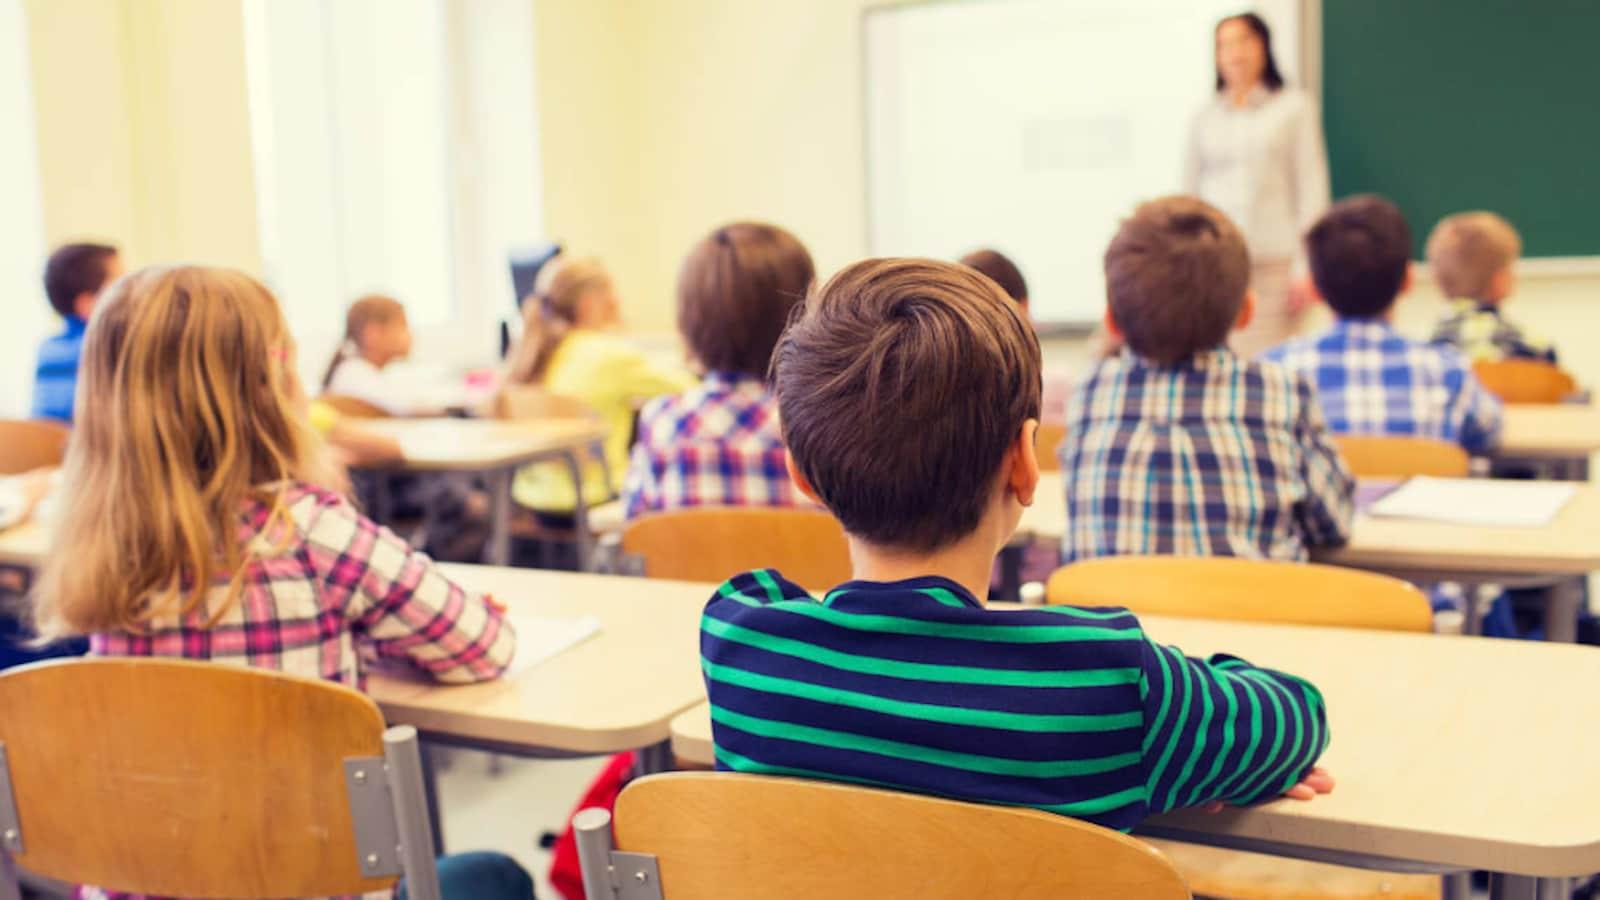 Des élèves dans une classe d'école.